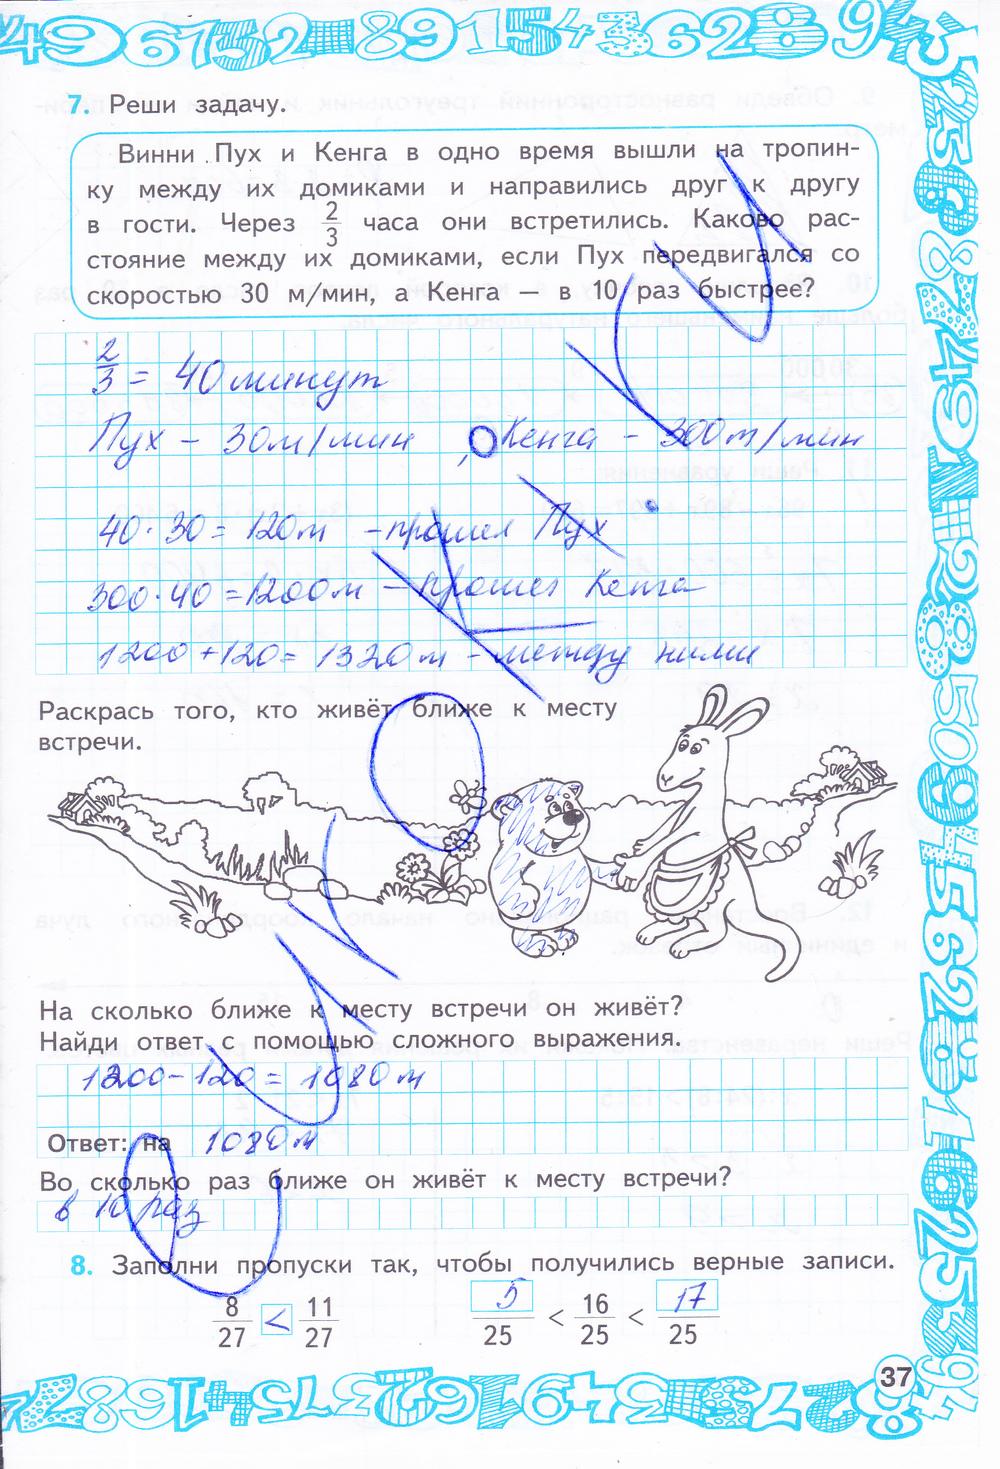 Бененсон 4 класс рабочая тетрадь 1 гдз ответы